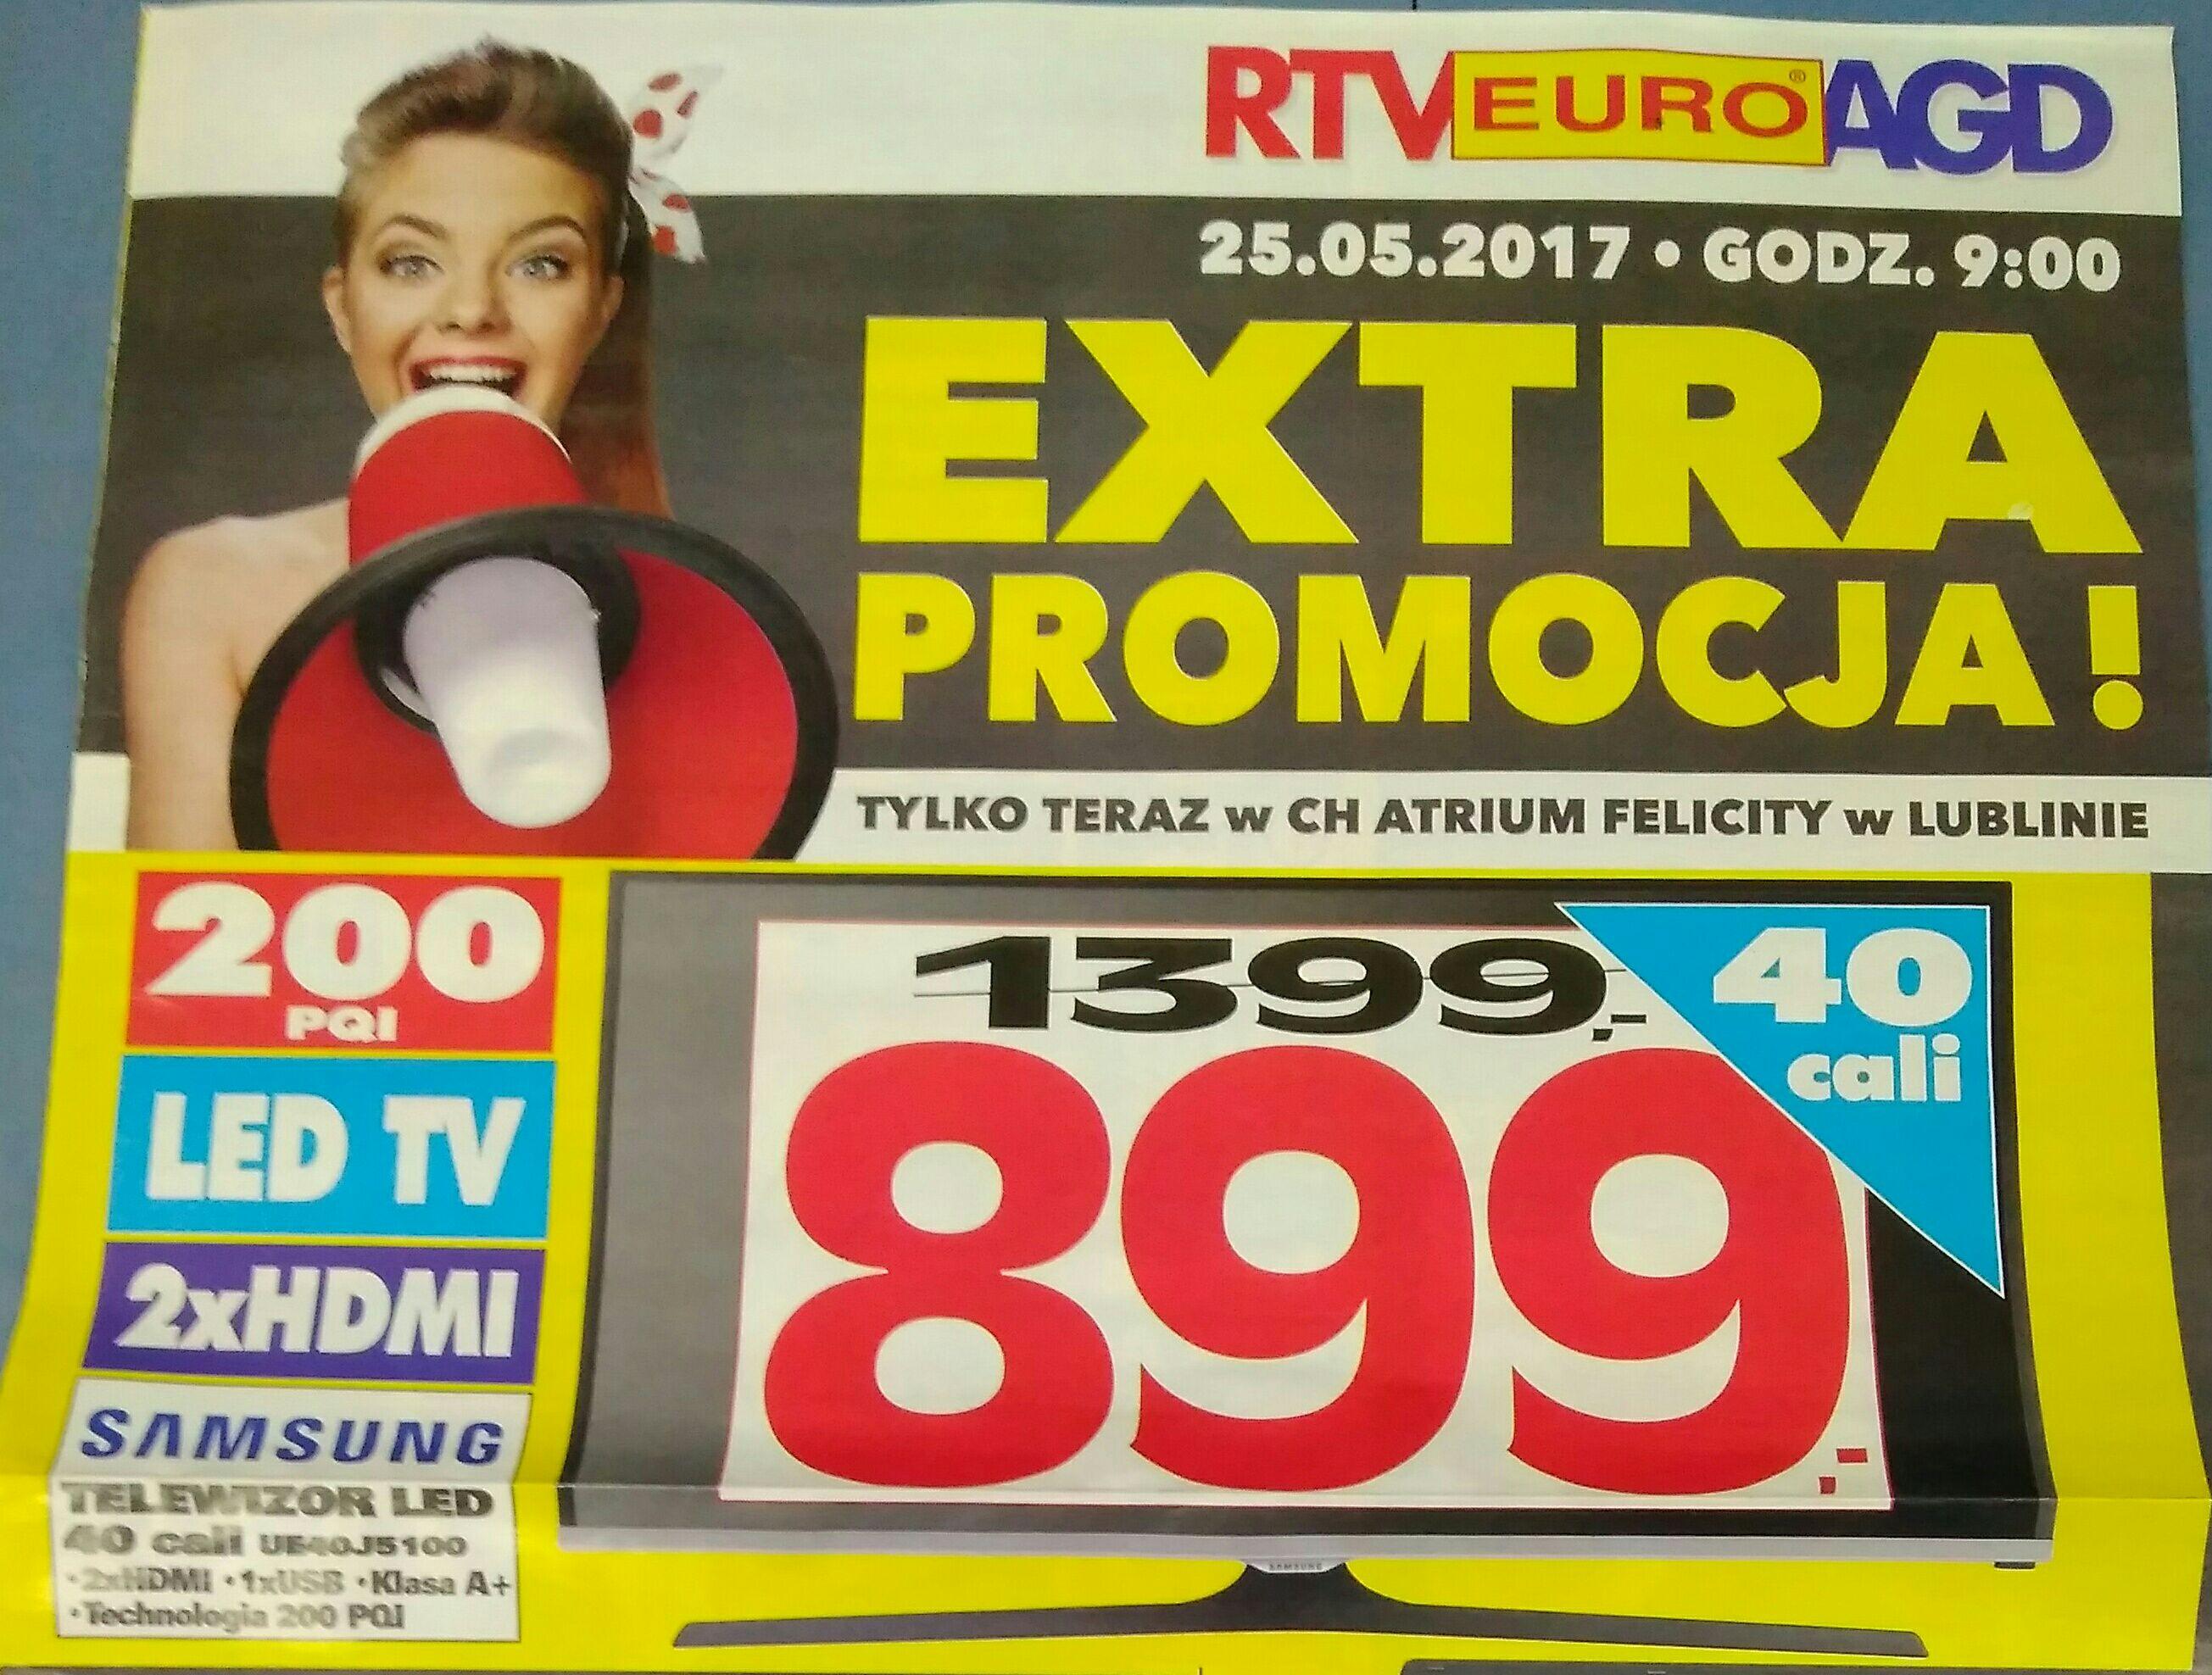 Samsung 40j5100 RTVEUROAGD Lublin Felicity od 25.05